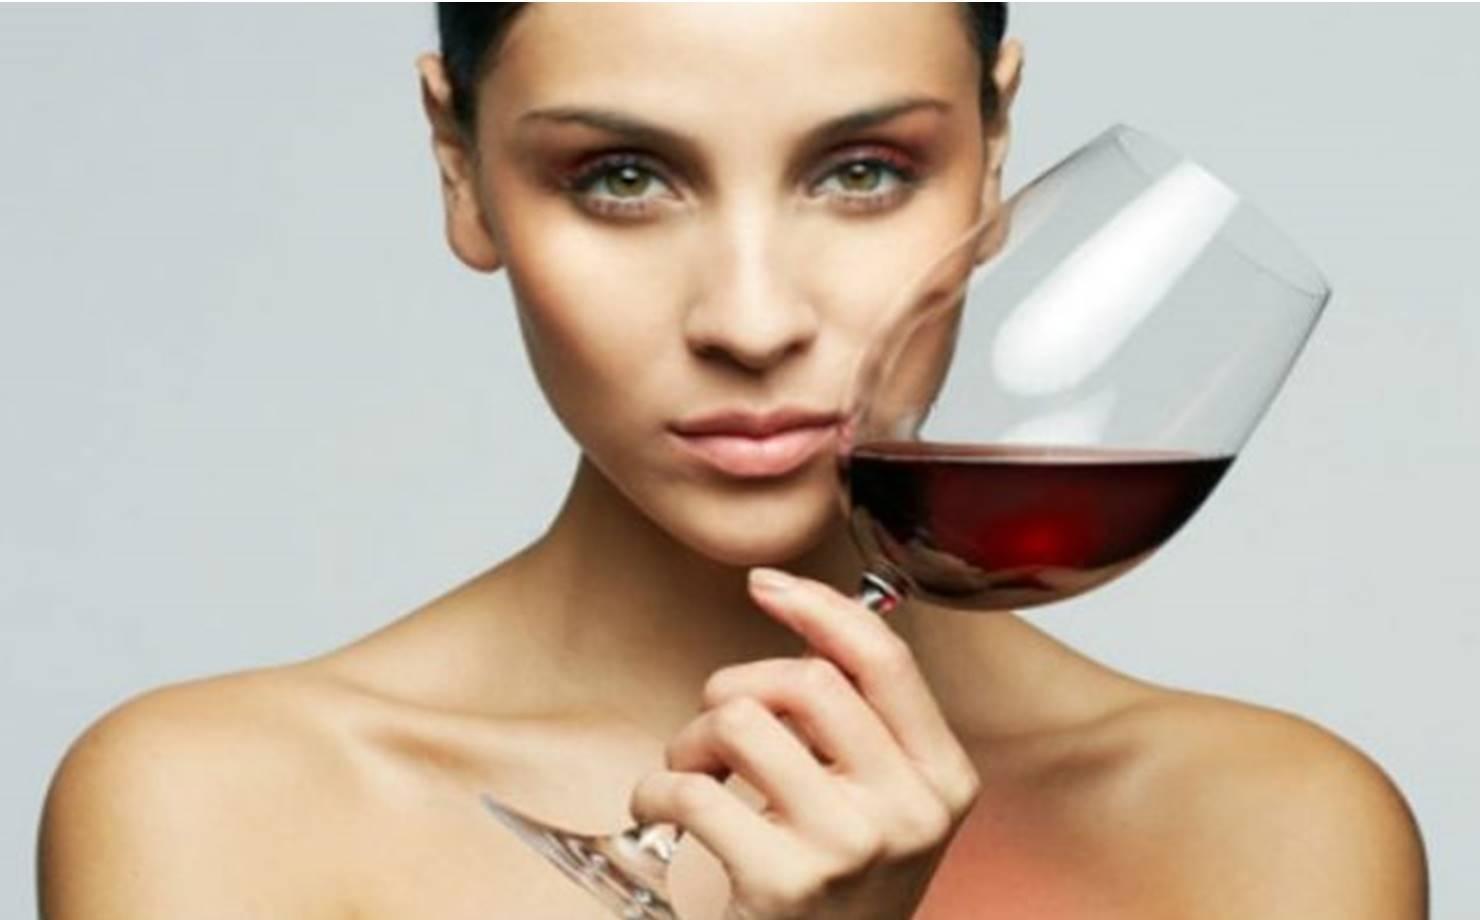 Mulher com taça de vinho nas mãos